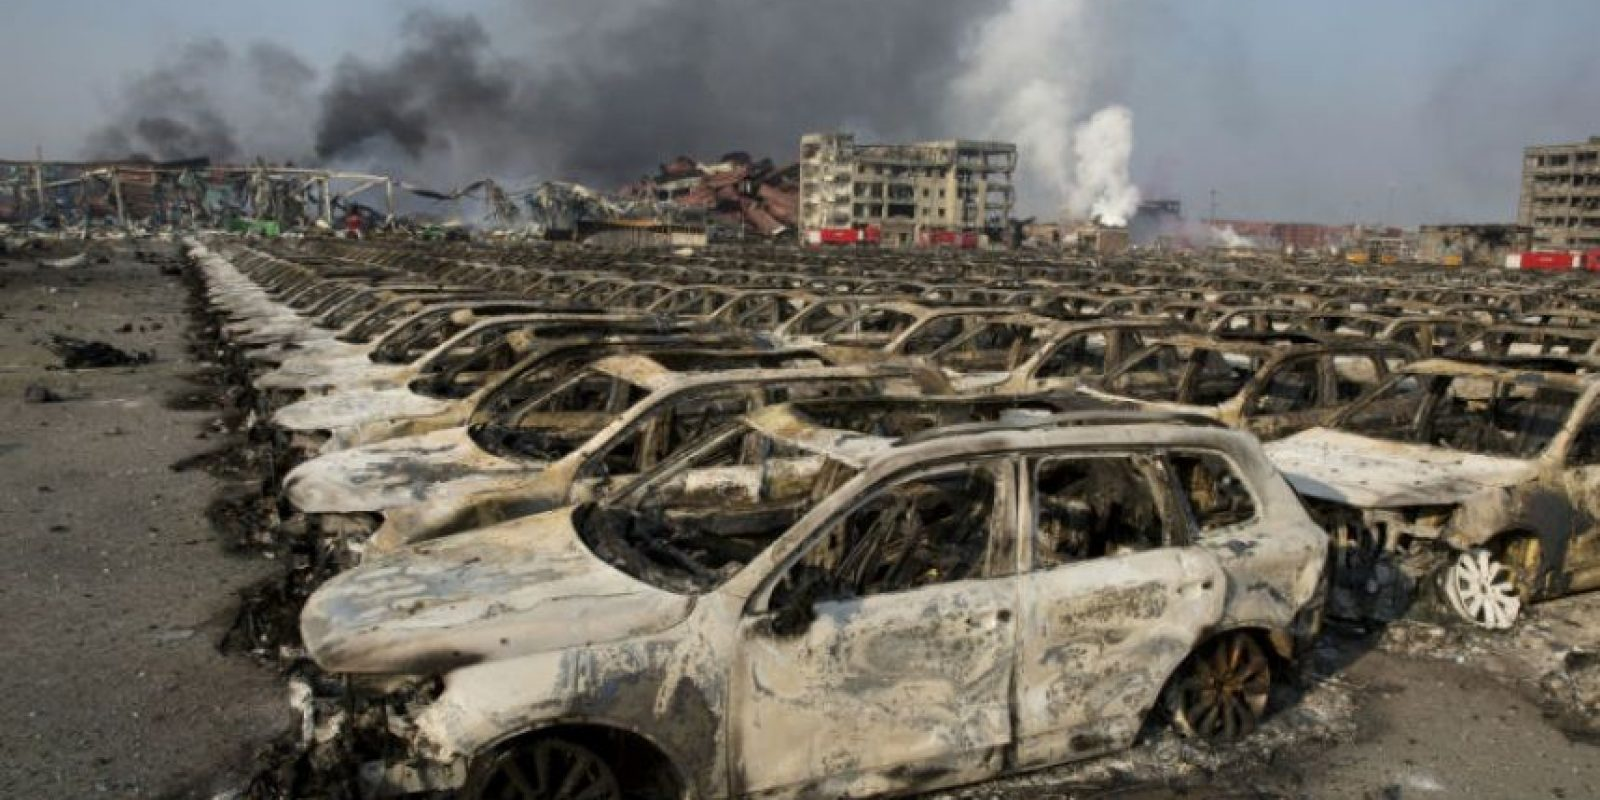 Así quedaron los automóviles que se encontraban en el puerto Foto:AFP